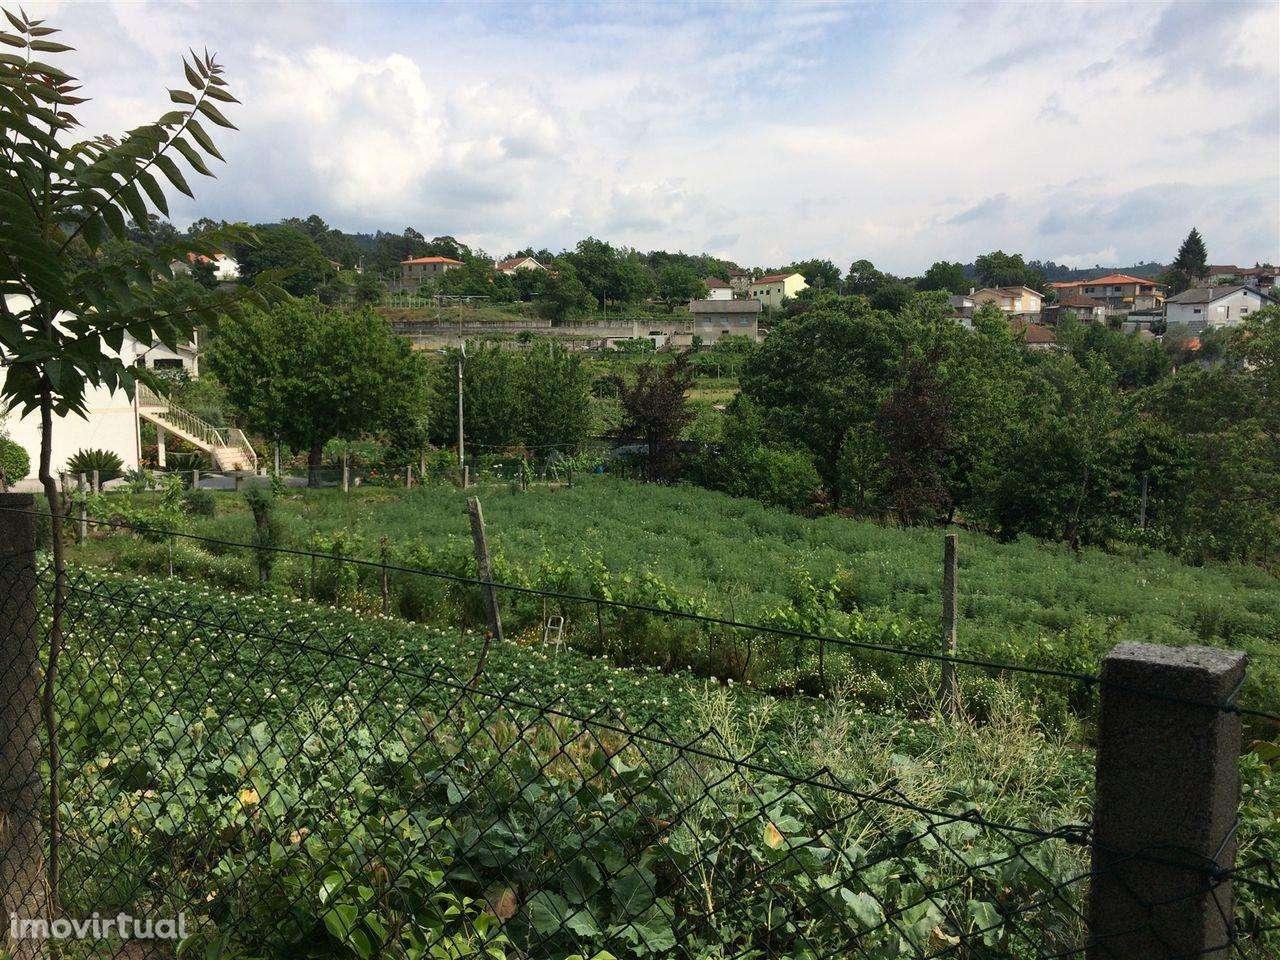 Terreno para comprar, Sande, Vilarinho, Barros e Gomide, Braga - Foto 11